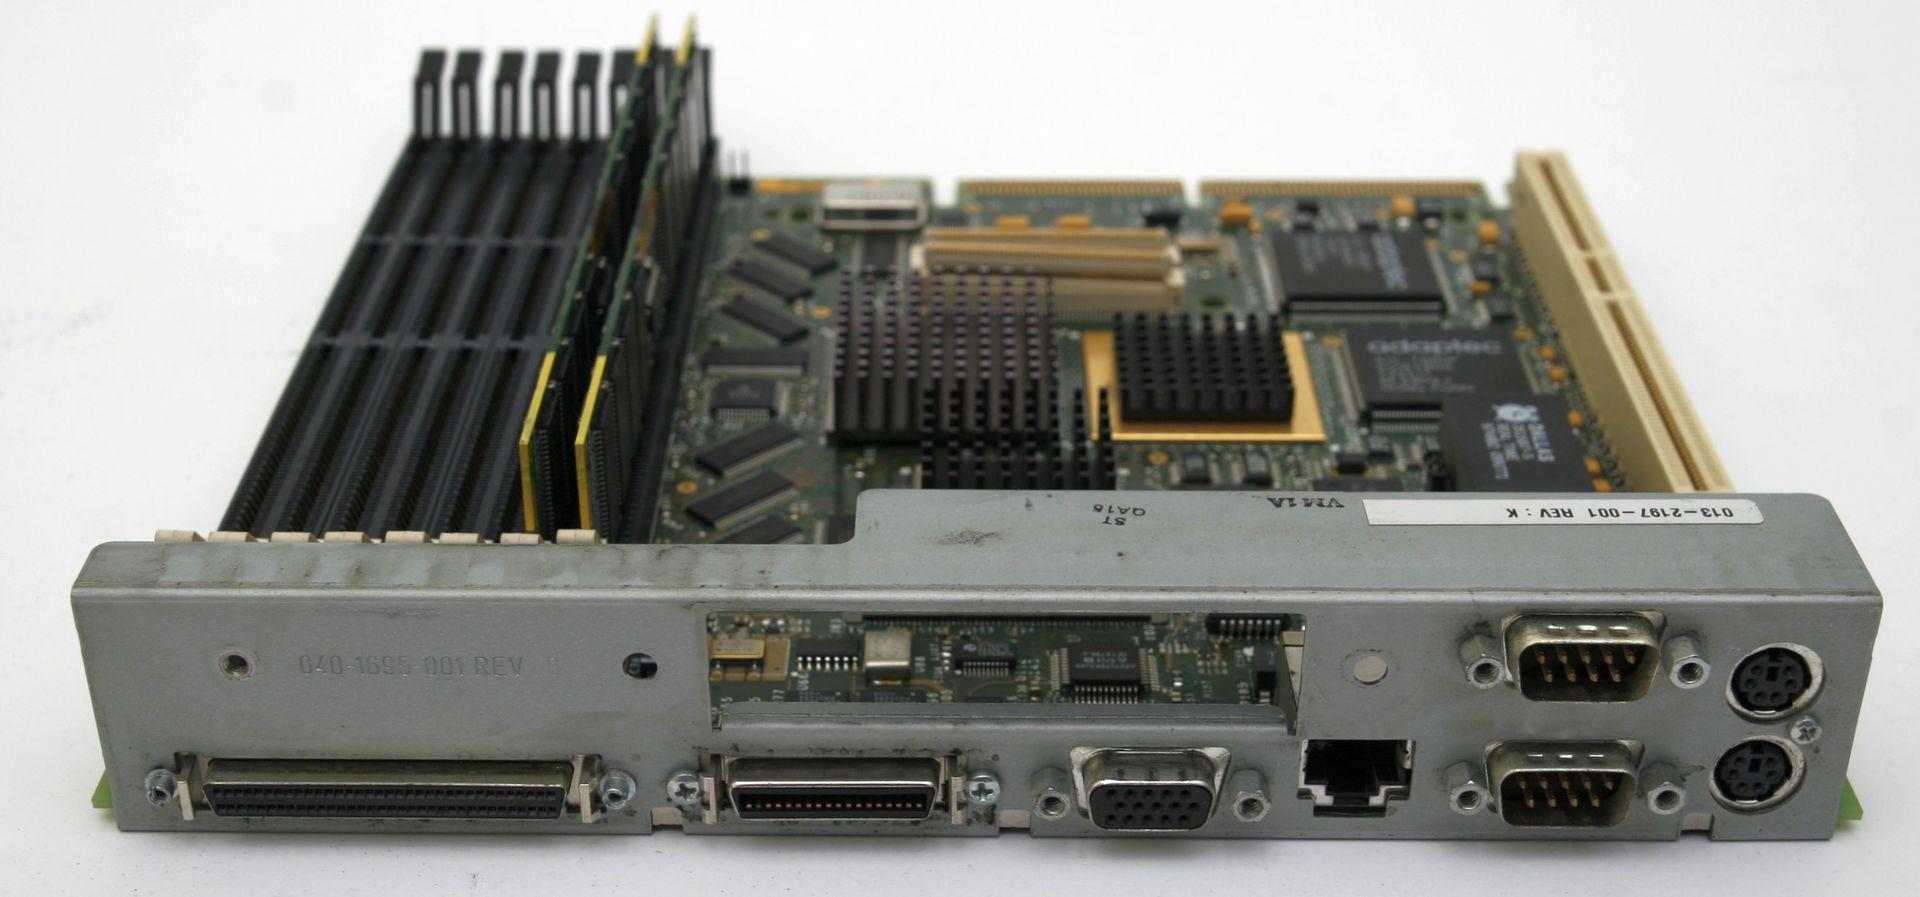 Silicon Graphics O2 — Маленькая станция с большими возможностями - 5